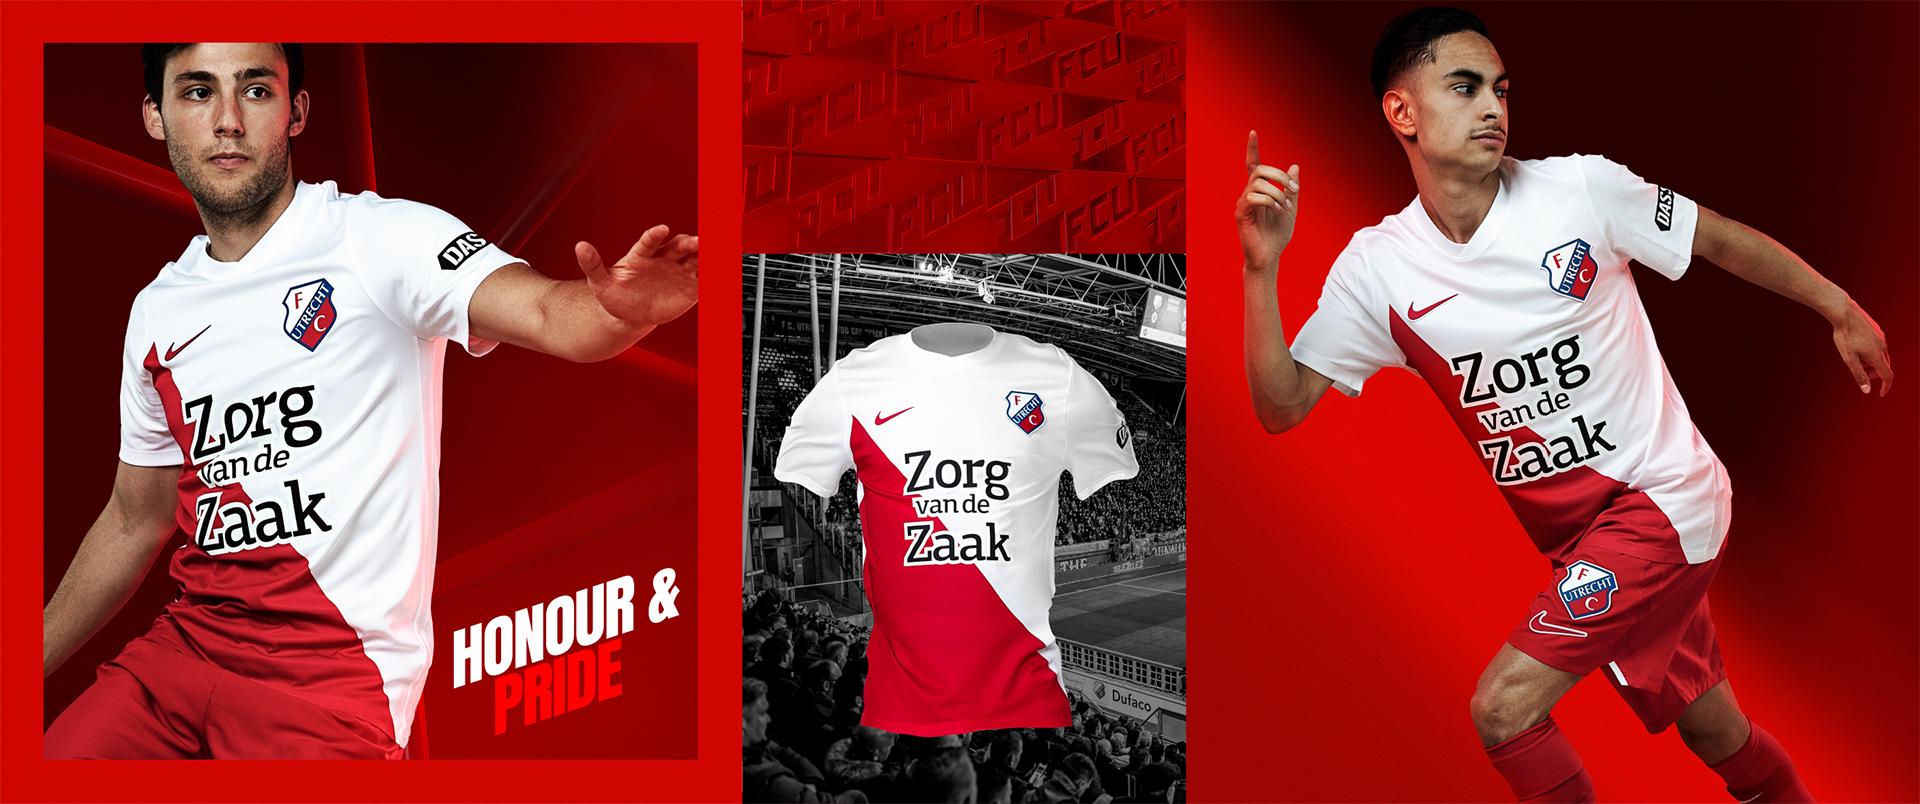 Nike ROSH Studios Van Overeem FC Utrecht Bousaid